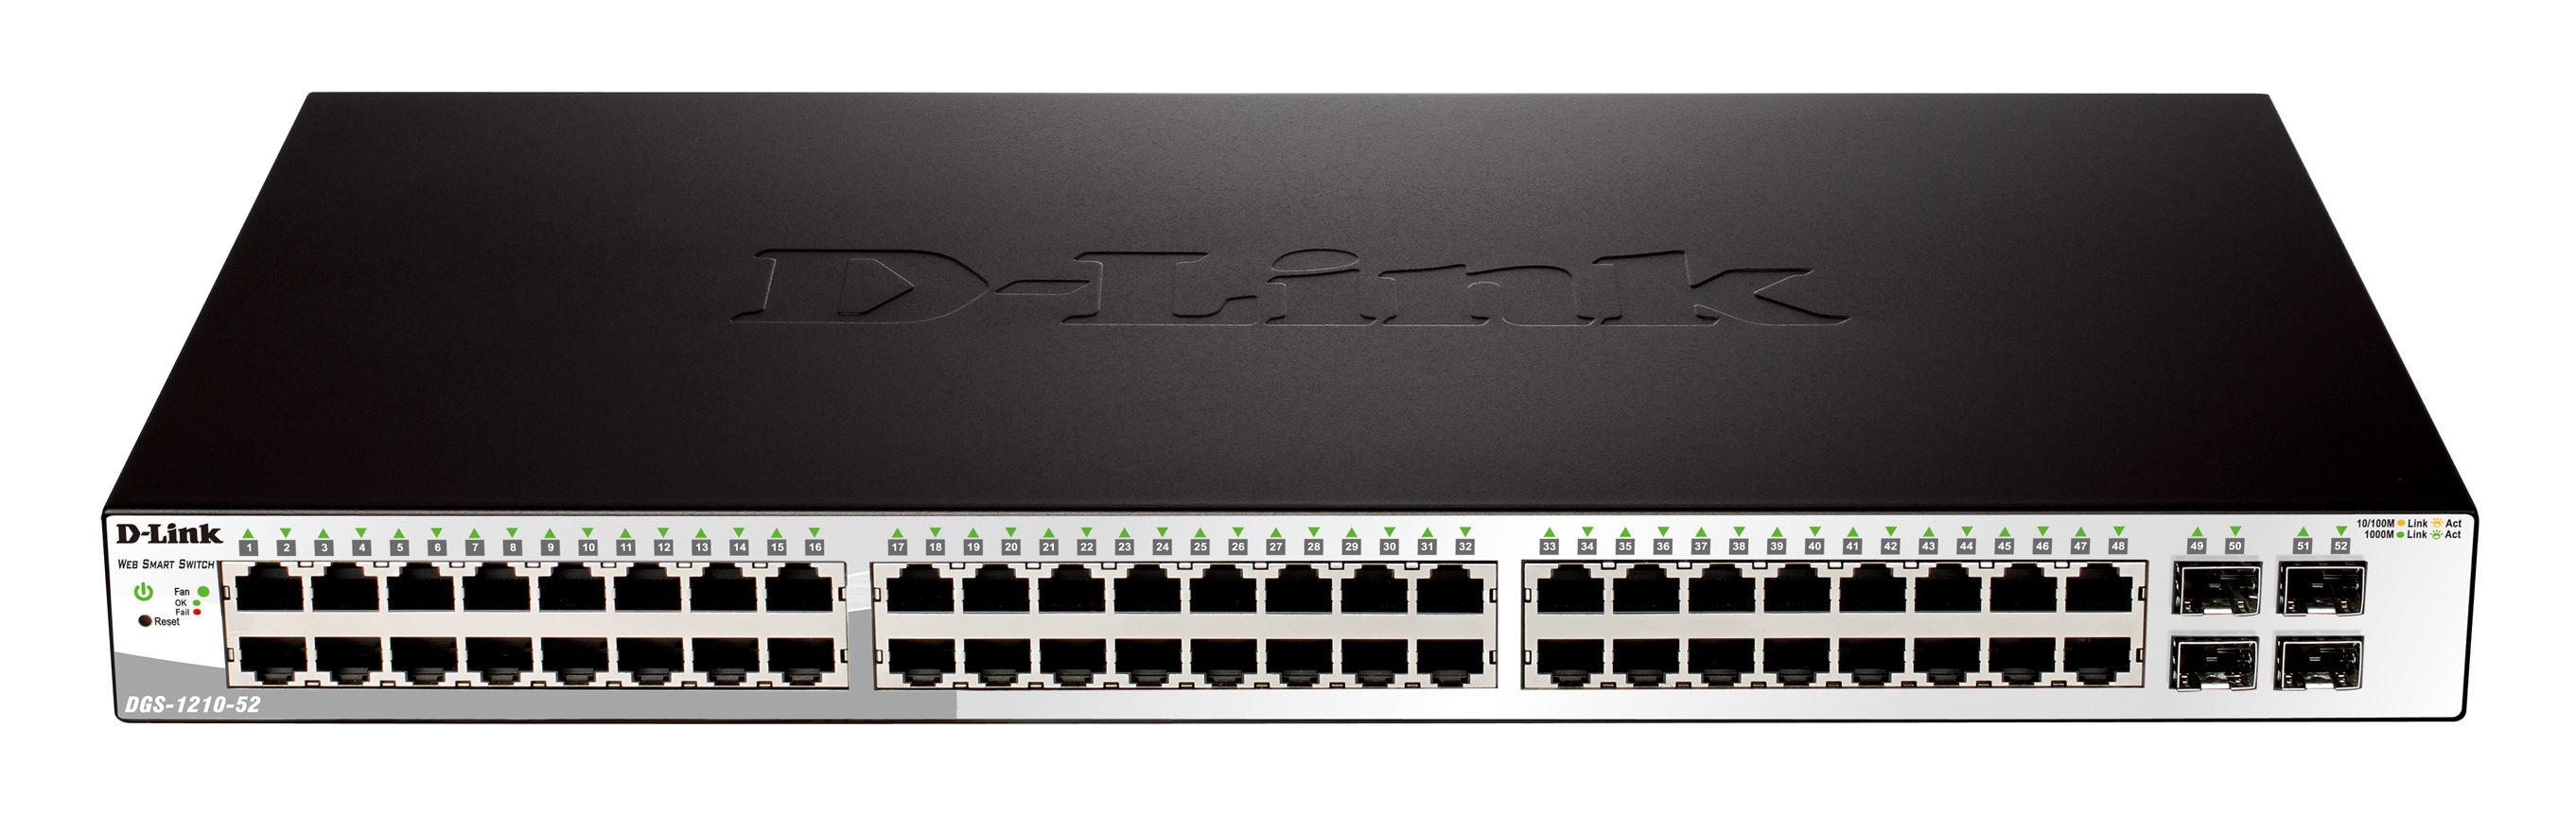 DGS-1210-52P